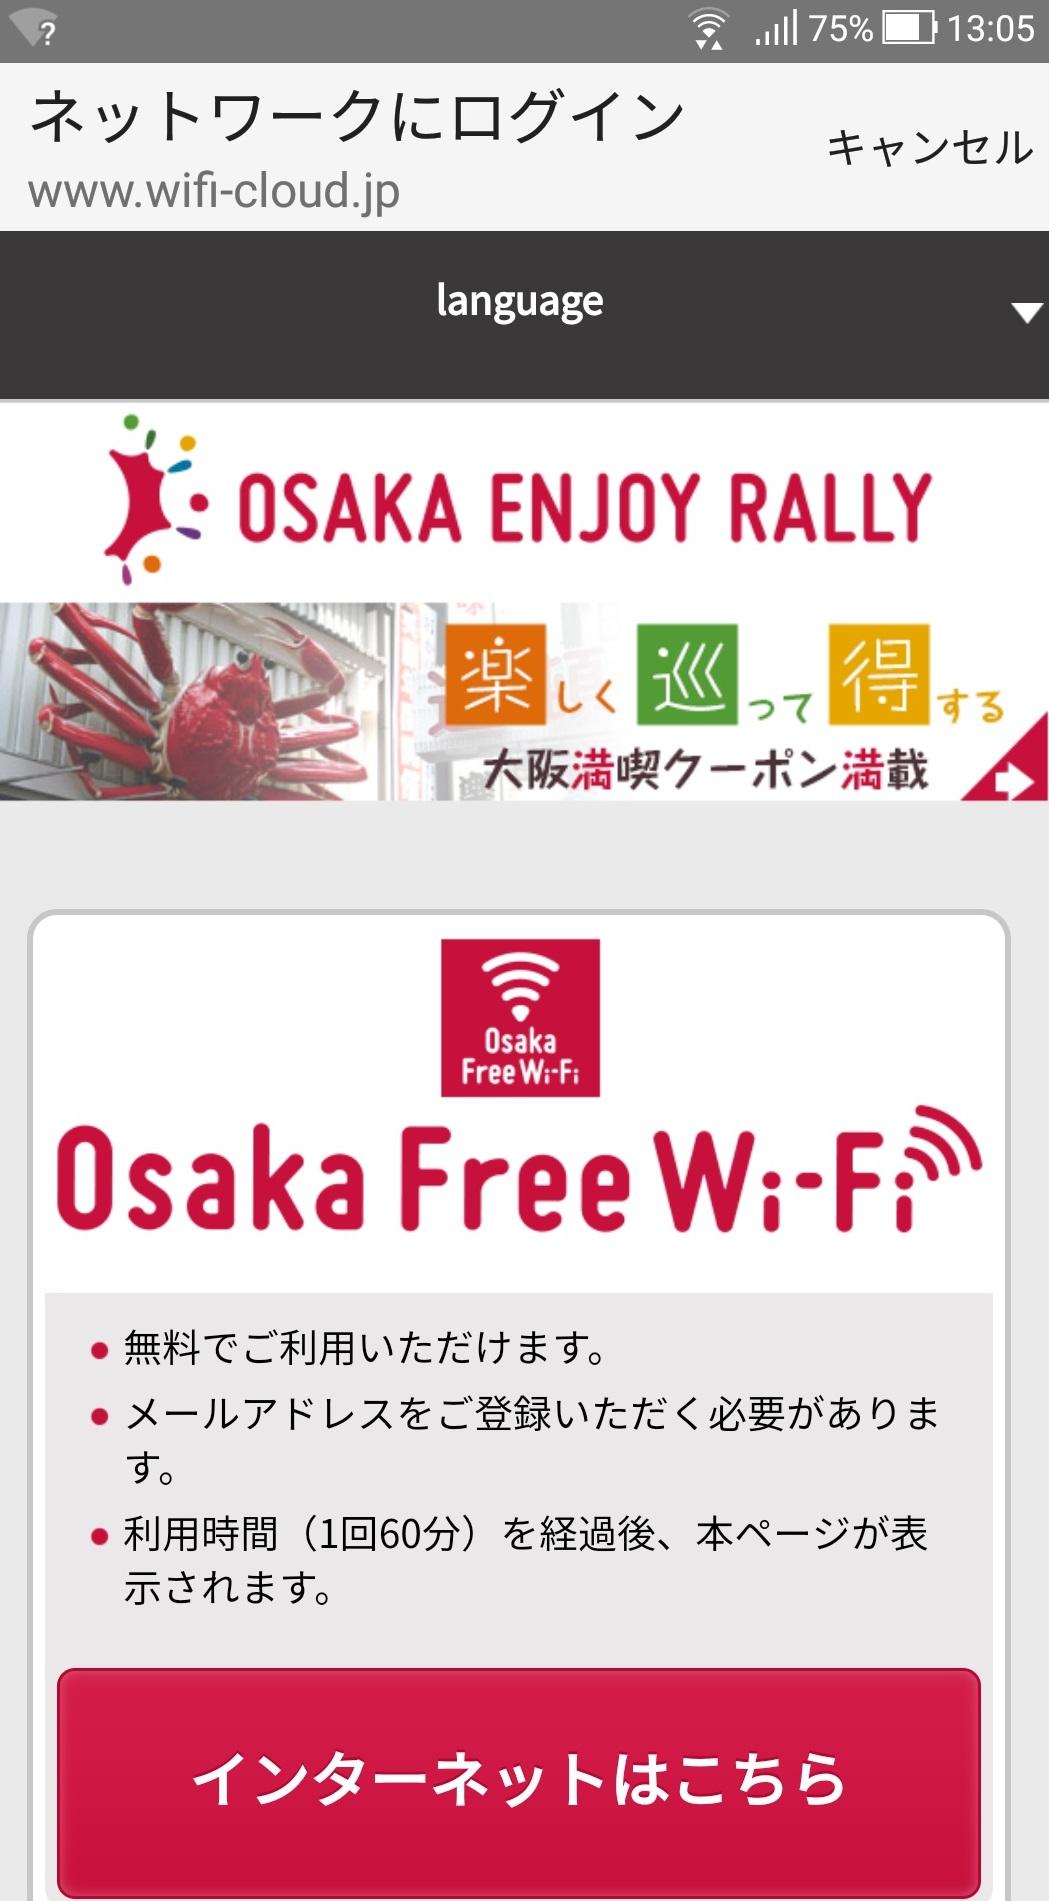 osaka_wifi_free_sumaho_1.jpg